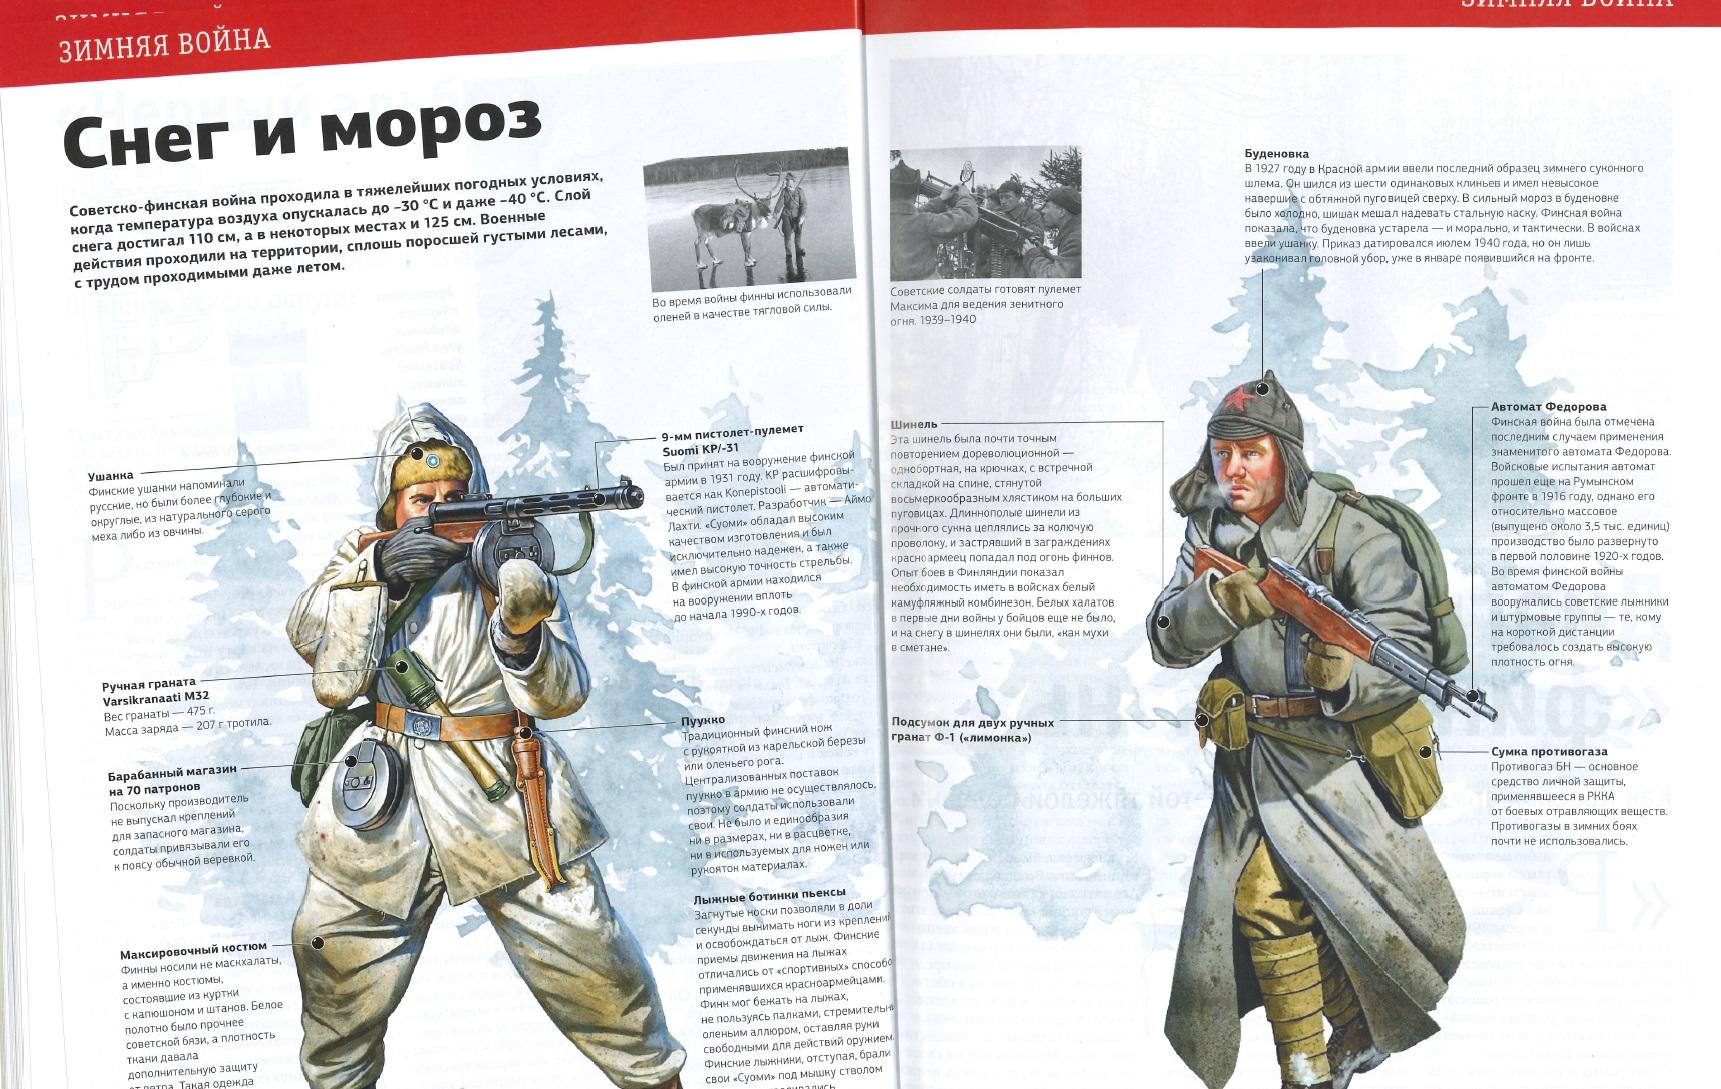 Venäläiset Lempinimet